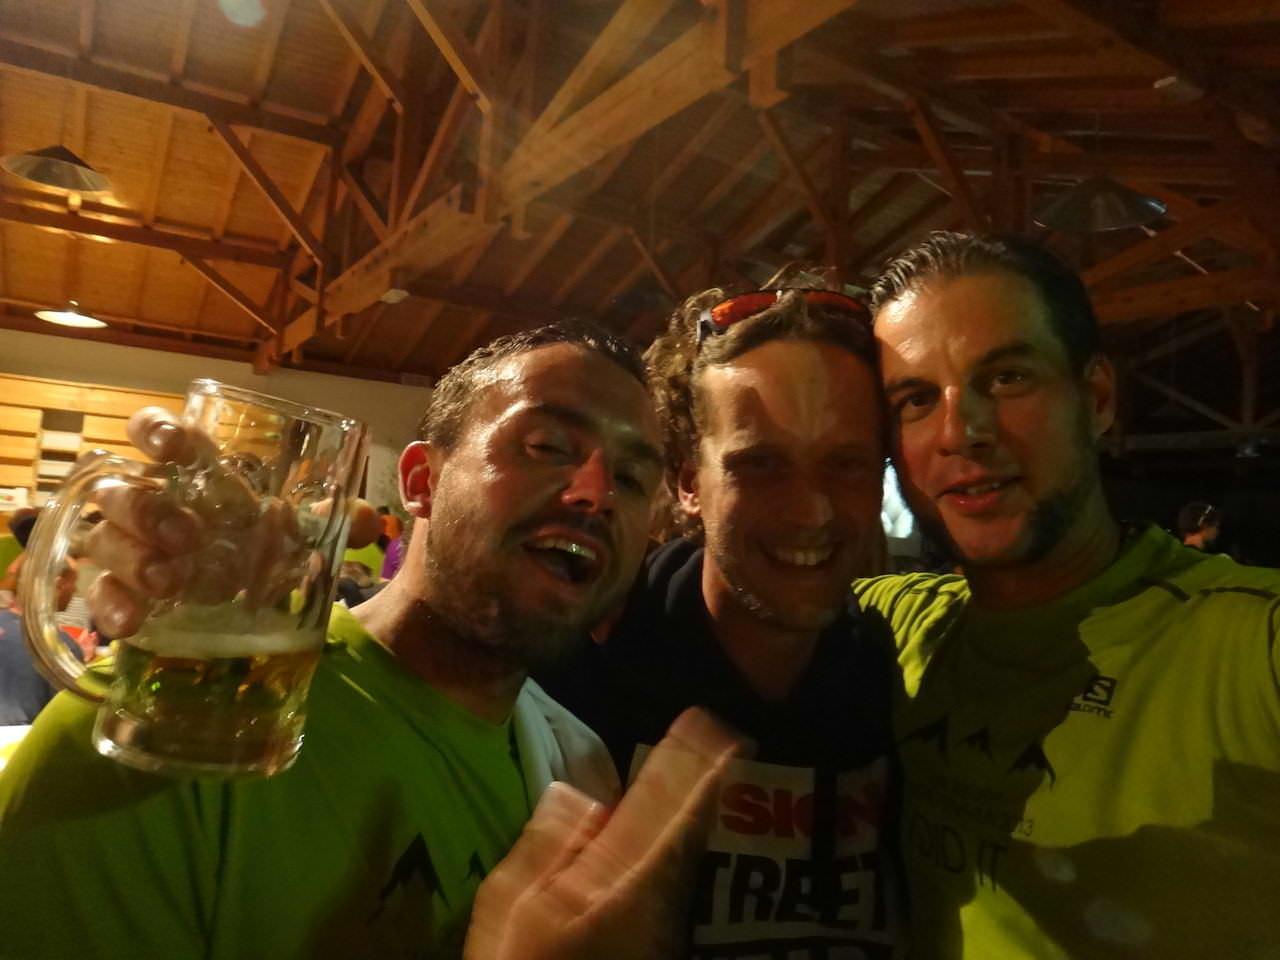 19-party-mit-den-sportografen_TAR-Etappe-8-9375432_o